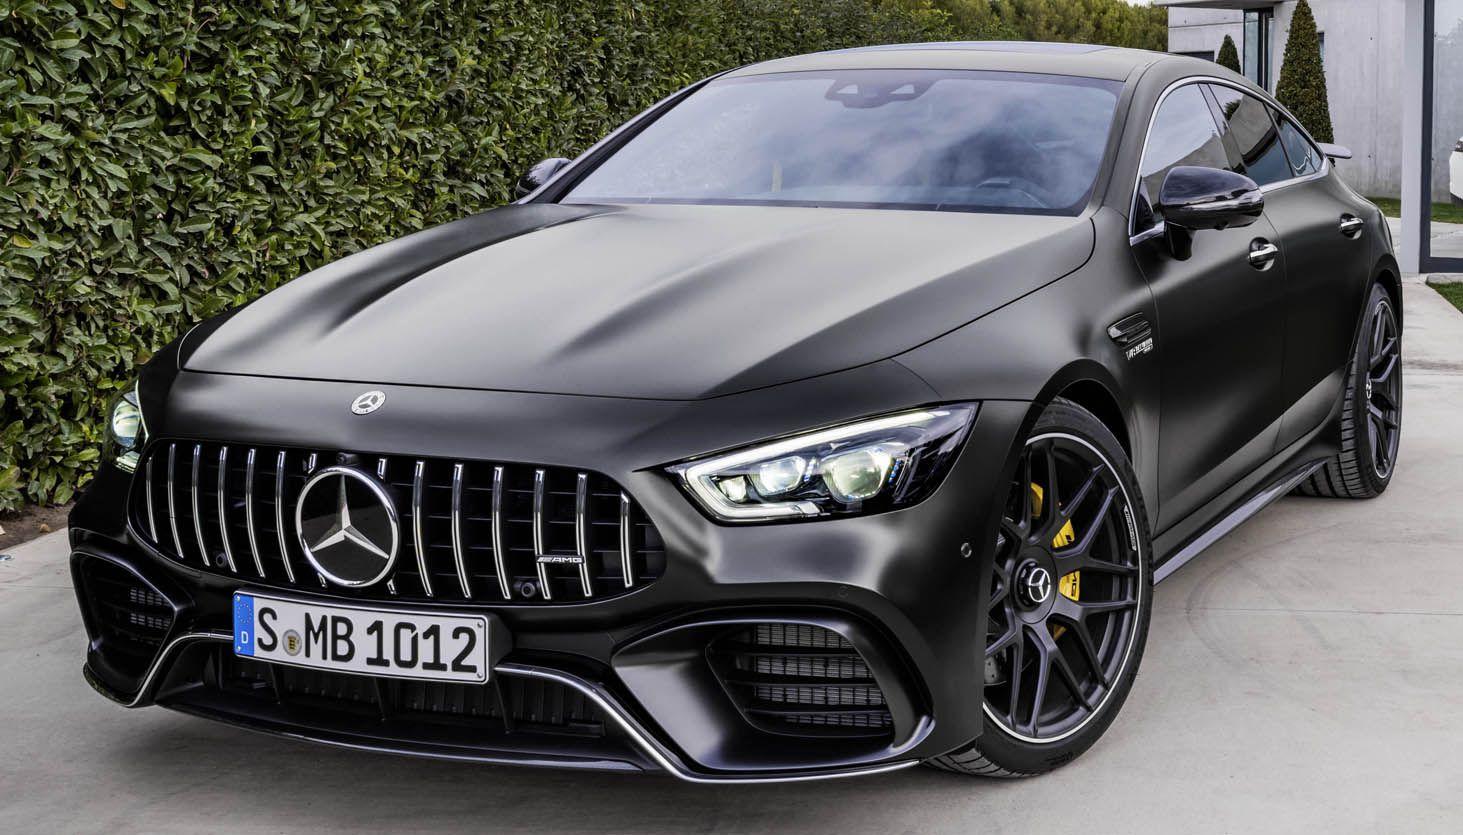 مرسيدس أي أم جي جي تي 4 دور الجديدة بالكامل الأناقة والأداء في تحفة واحدة موقع ويلز Merc Benz Mercedes Amg Mercedes Benz Amg